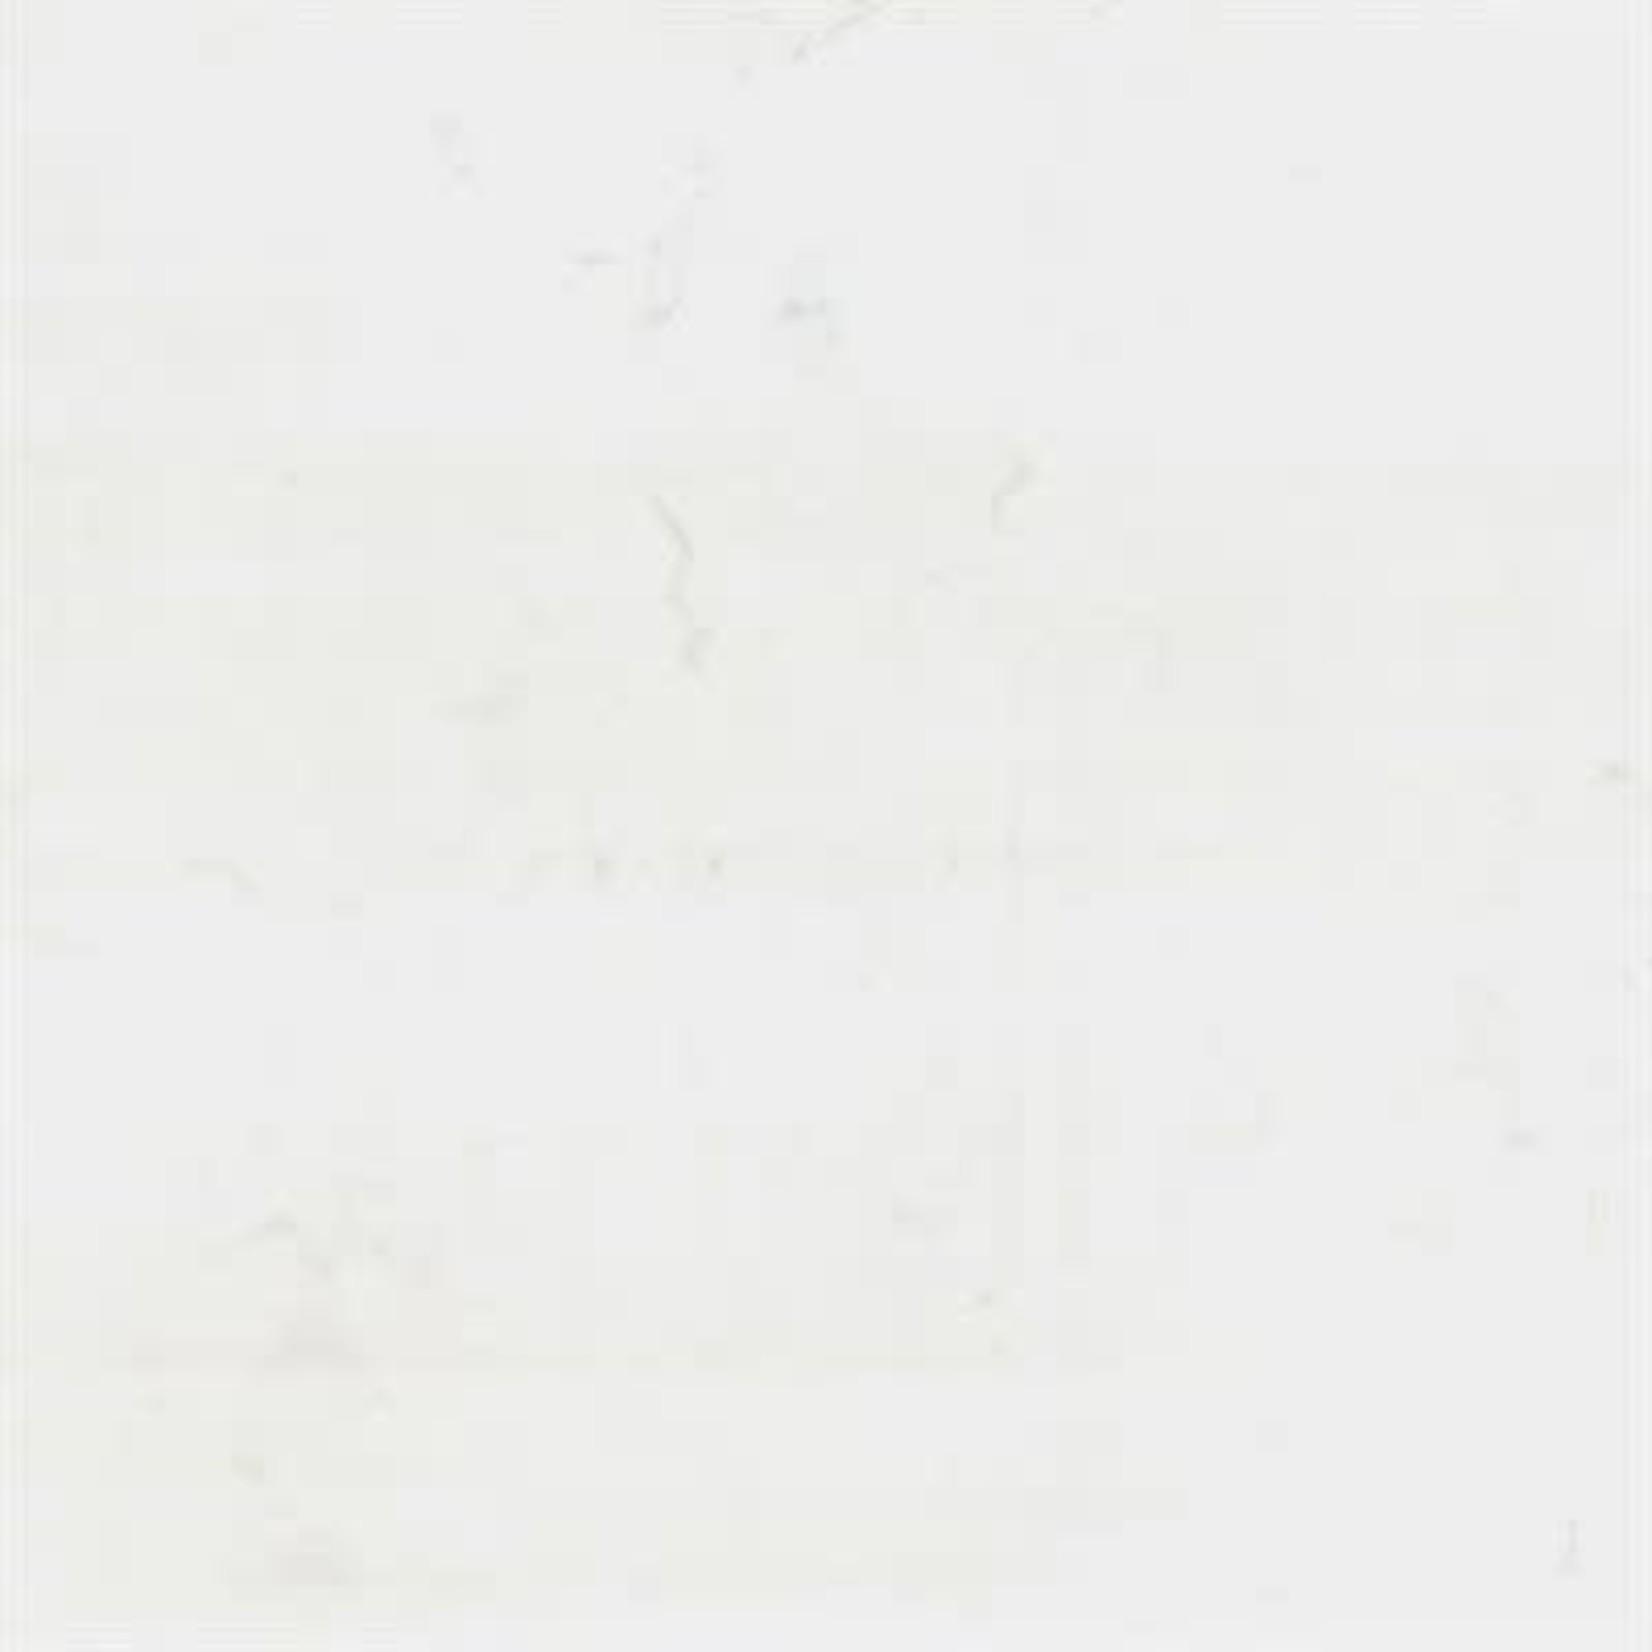 Hoffman Bali Watercolors, Snow 1897-307 $0.20 per cm or $20/m